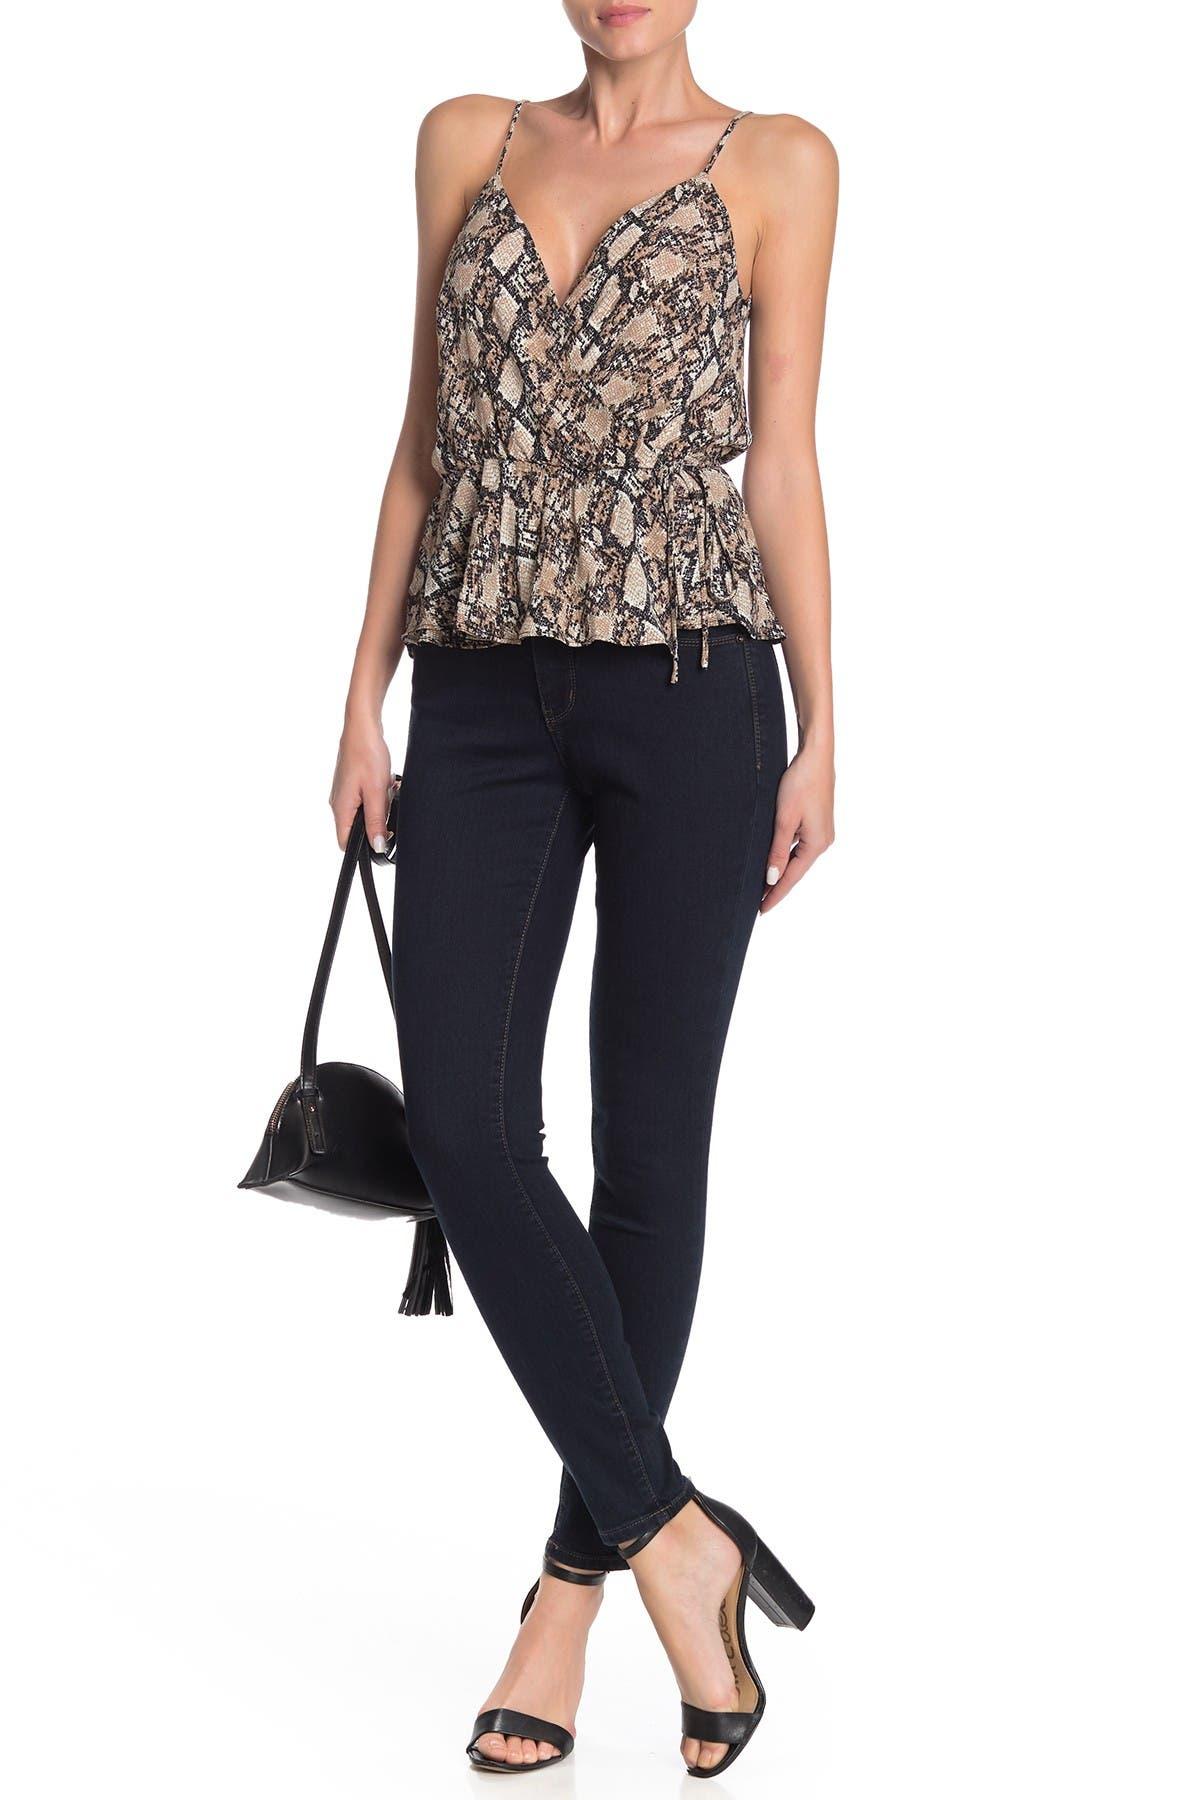 Image of JAG Jeans Coco Best Kept Secret Skinny Jeans